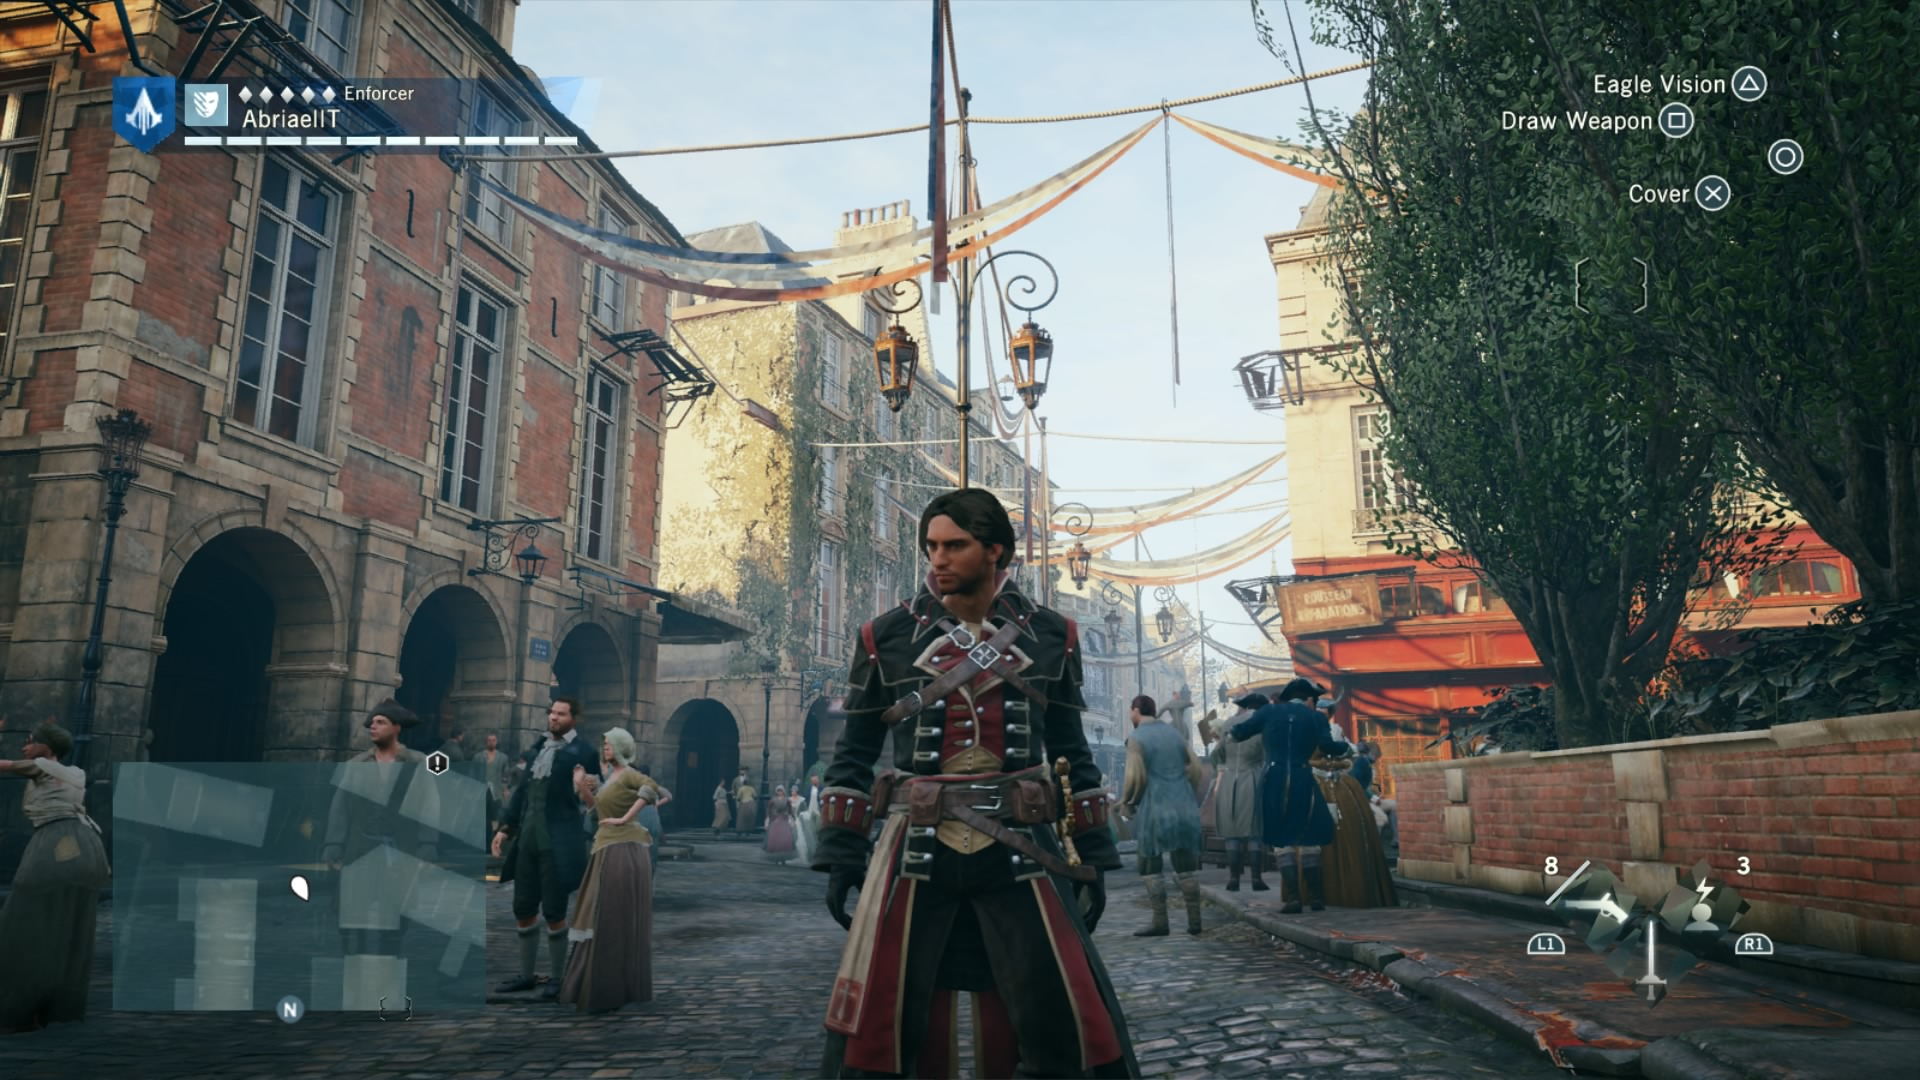 Скриншот Assassin's Creed Unity [v 1.5.0 + DLCs] (2014) PC | RePack от R.G. Механики